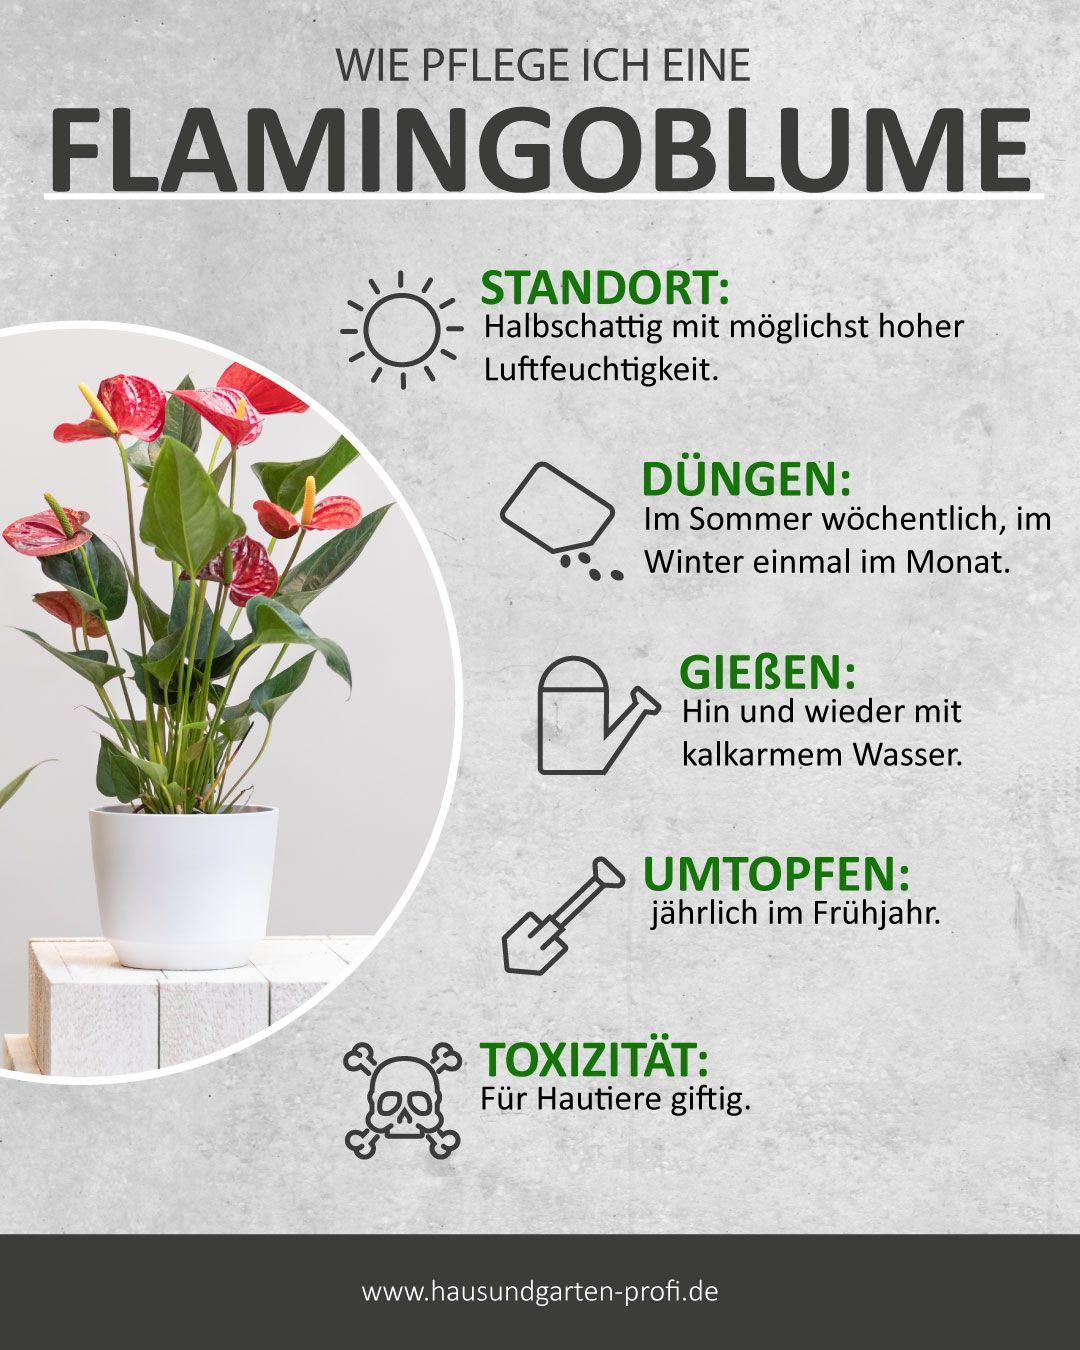 So einfach Pflegen sie eine Flamingoblume. (Standort, Düngen, Gießen, Pflege)